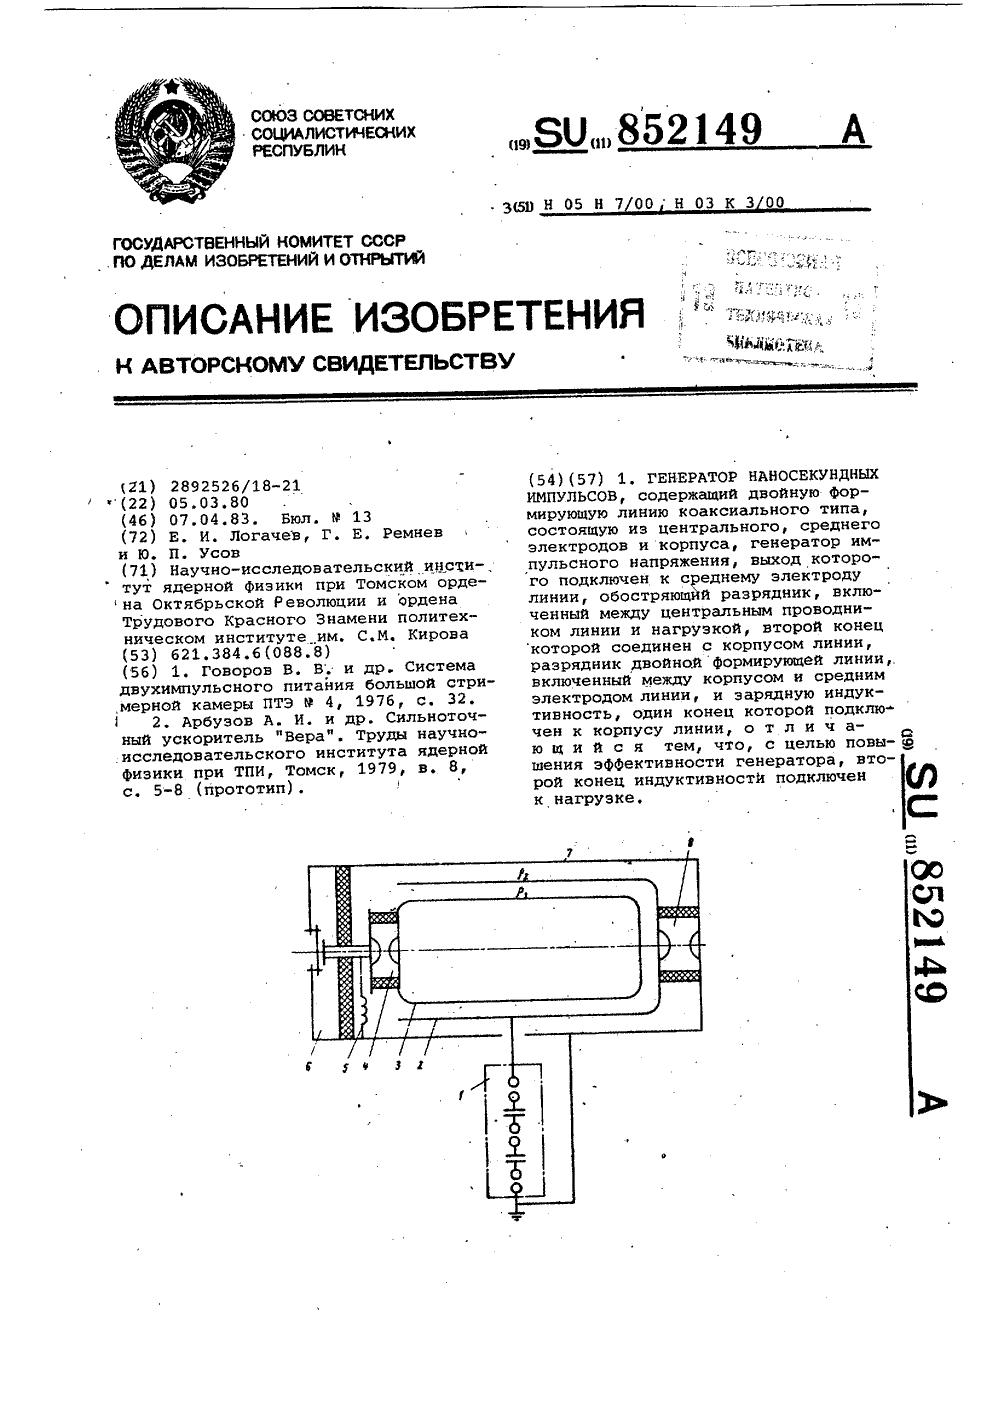 схема генератора мощных наносекундных импульсов